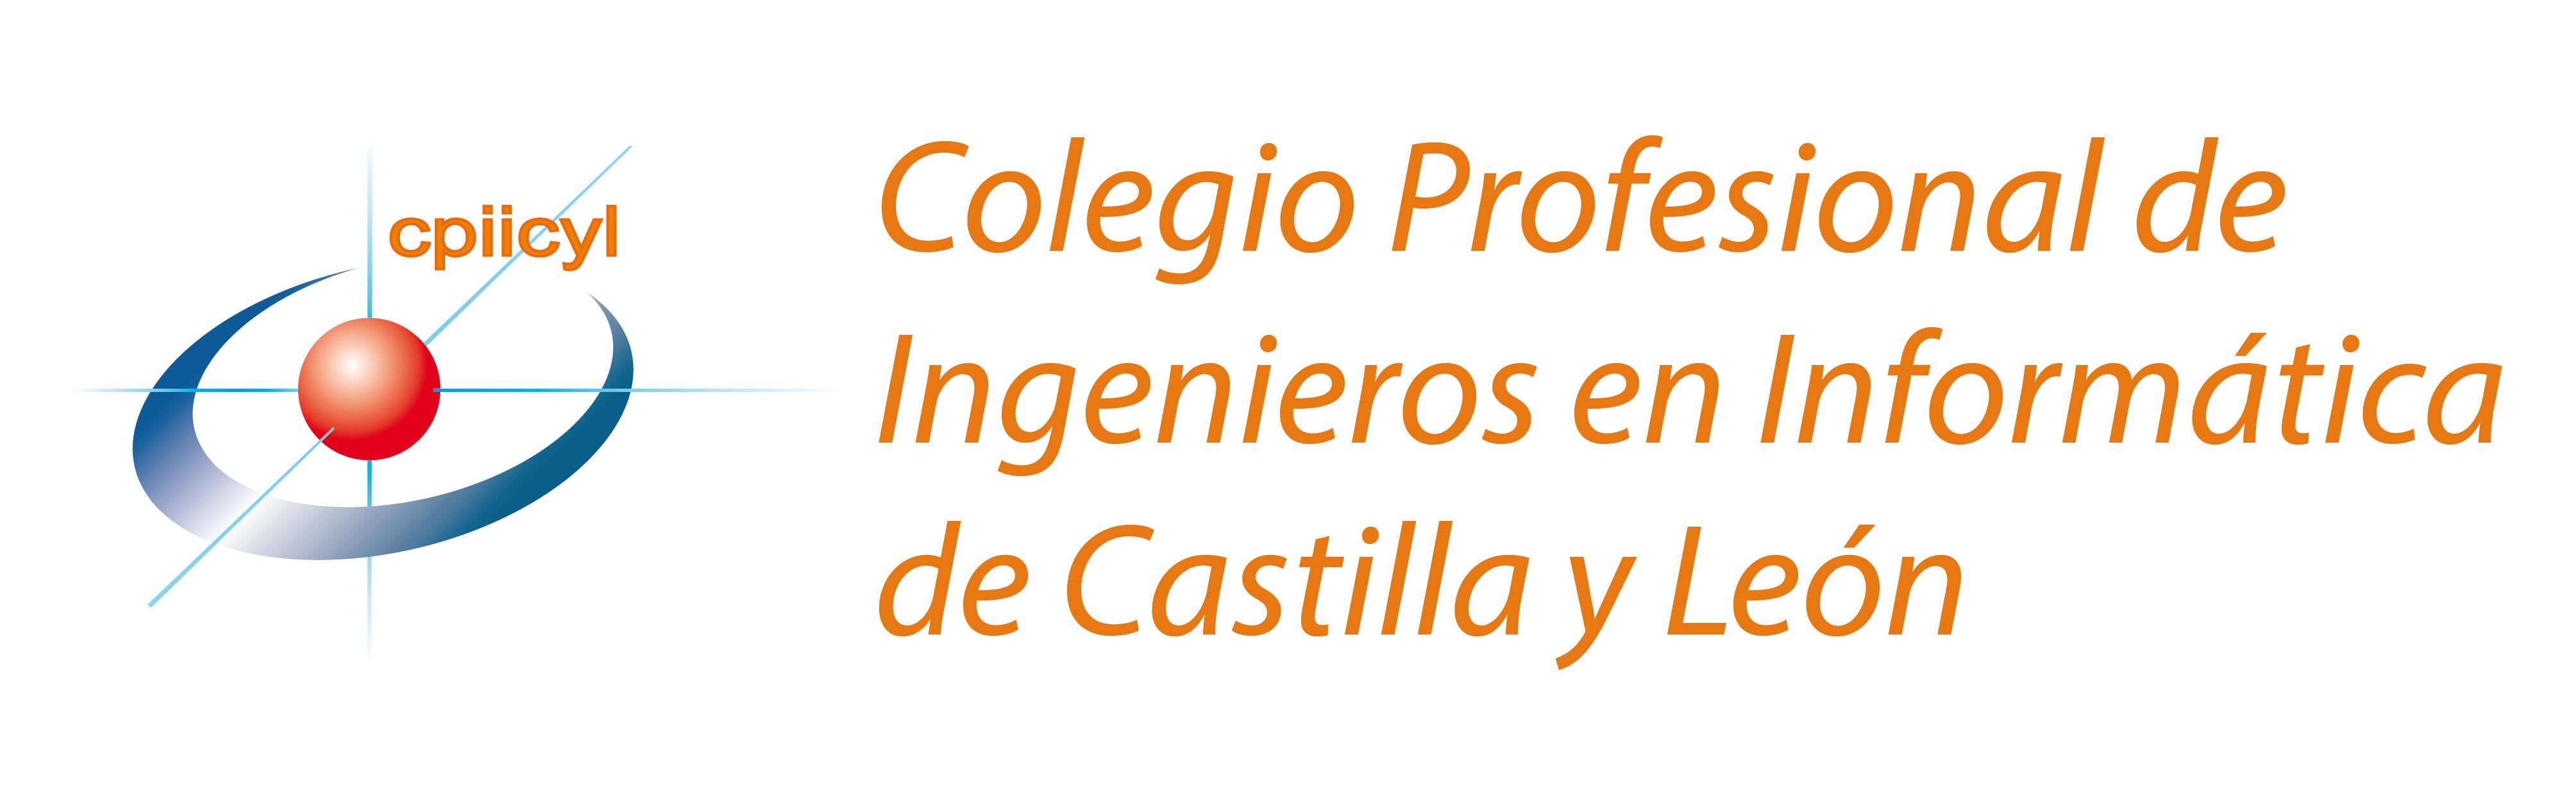 logo-Colegio-Ingenieros-01HD